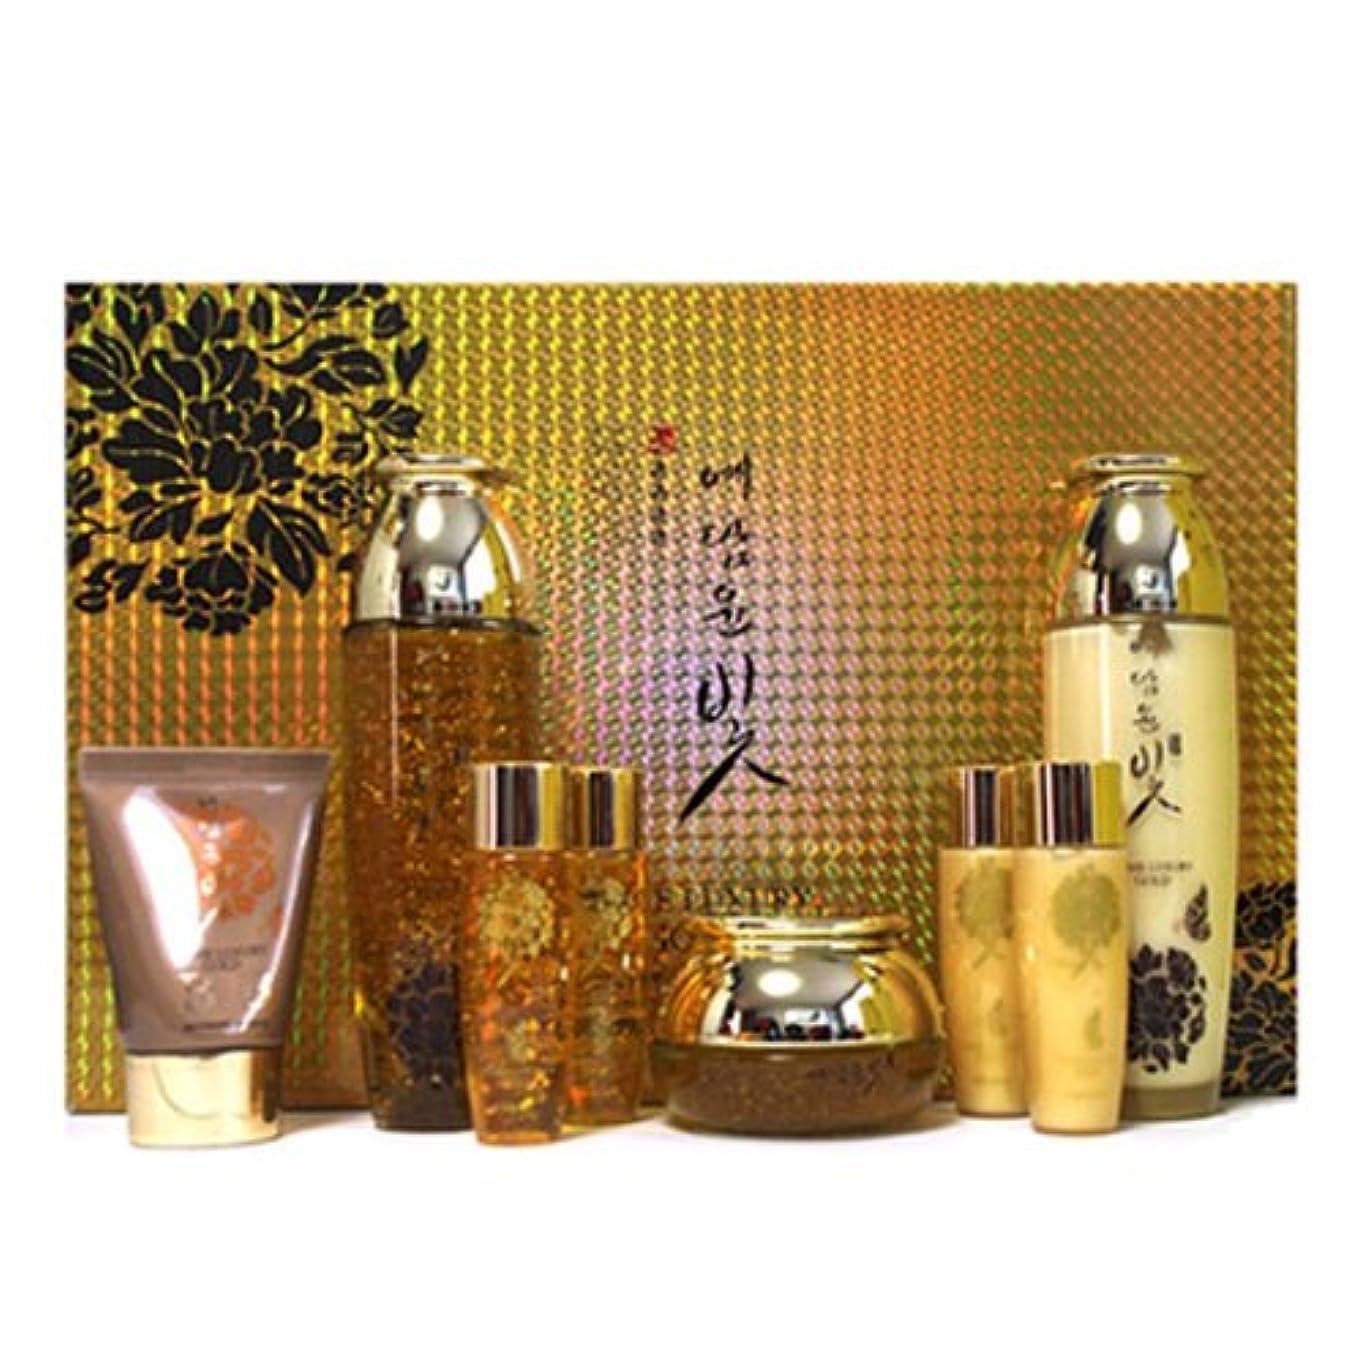 醜い哲学ストライプイェダムユンビト[韓国コスメYedam Yun Bit]Prime Luxury Gold Skin Care Set プライムラグジュアリーゴールドスキンケア4セット 樹液 乳液 クリーム/ BBクリーム [並行輸入品]